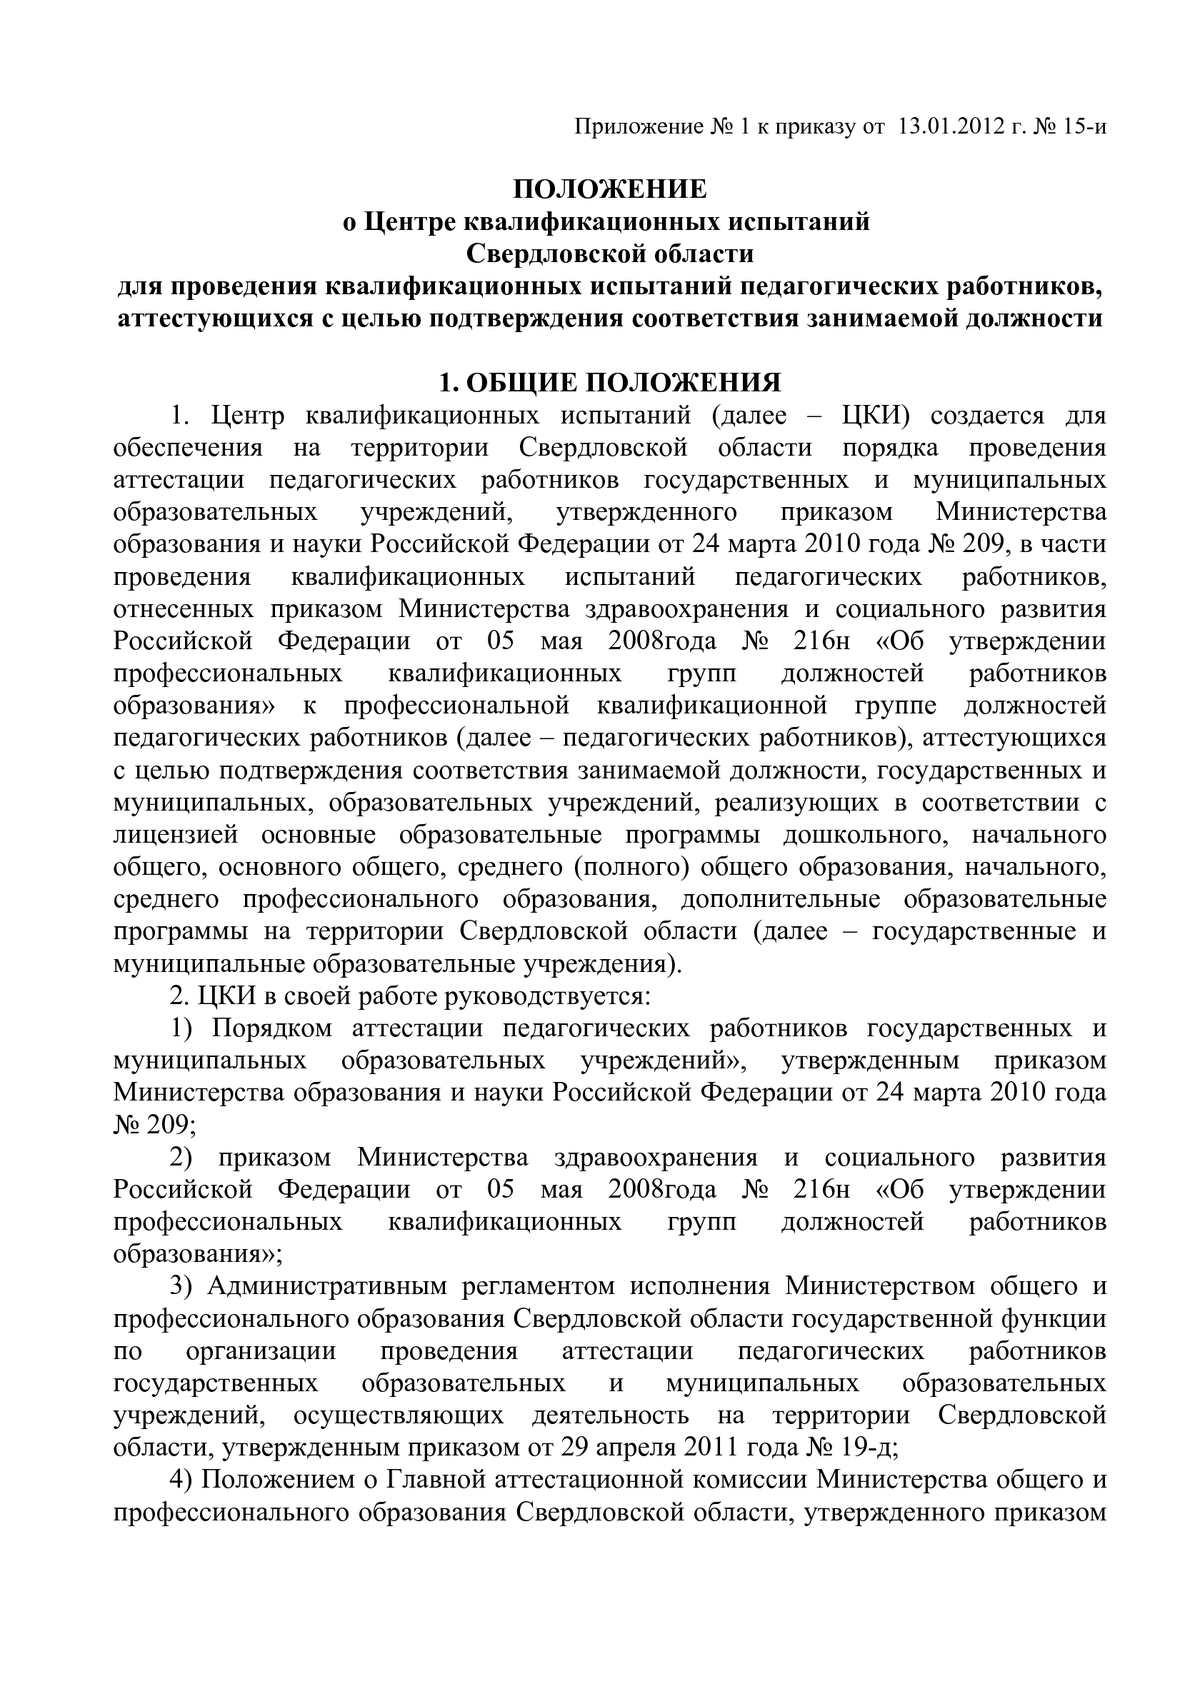 Квалификационные требования к должности помощника прокурора.